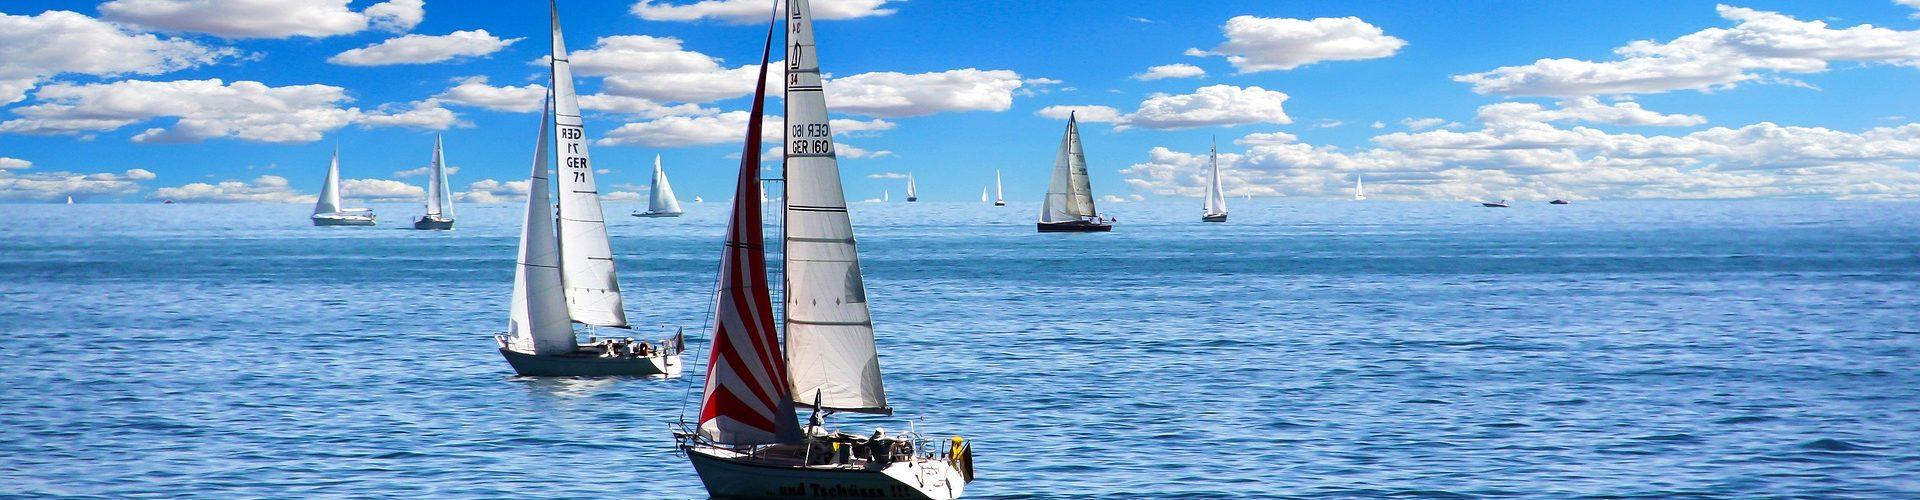 segeln lernen in Mannheim segelschein machen in Mannheim 1920x500 - Segeln lernen in Mannheim